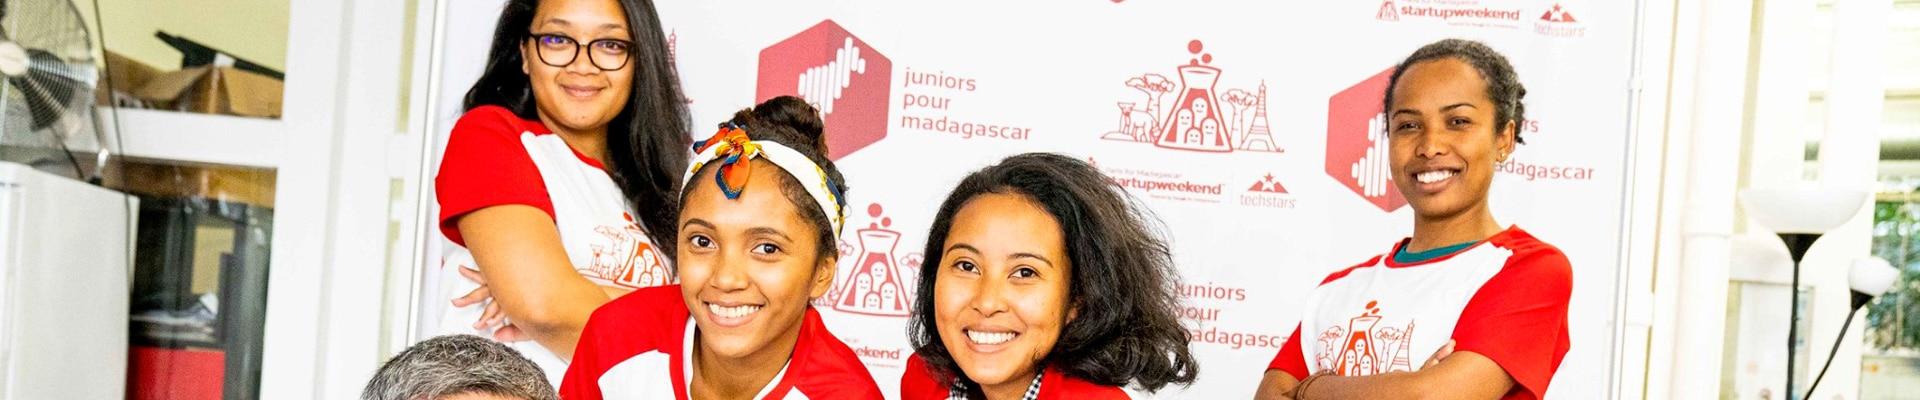 Startup Week end Paris édition Madagascar : Un week end pour créer une startup